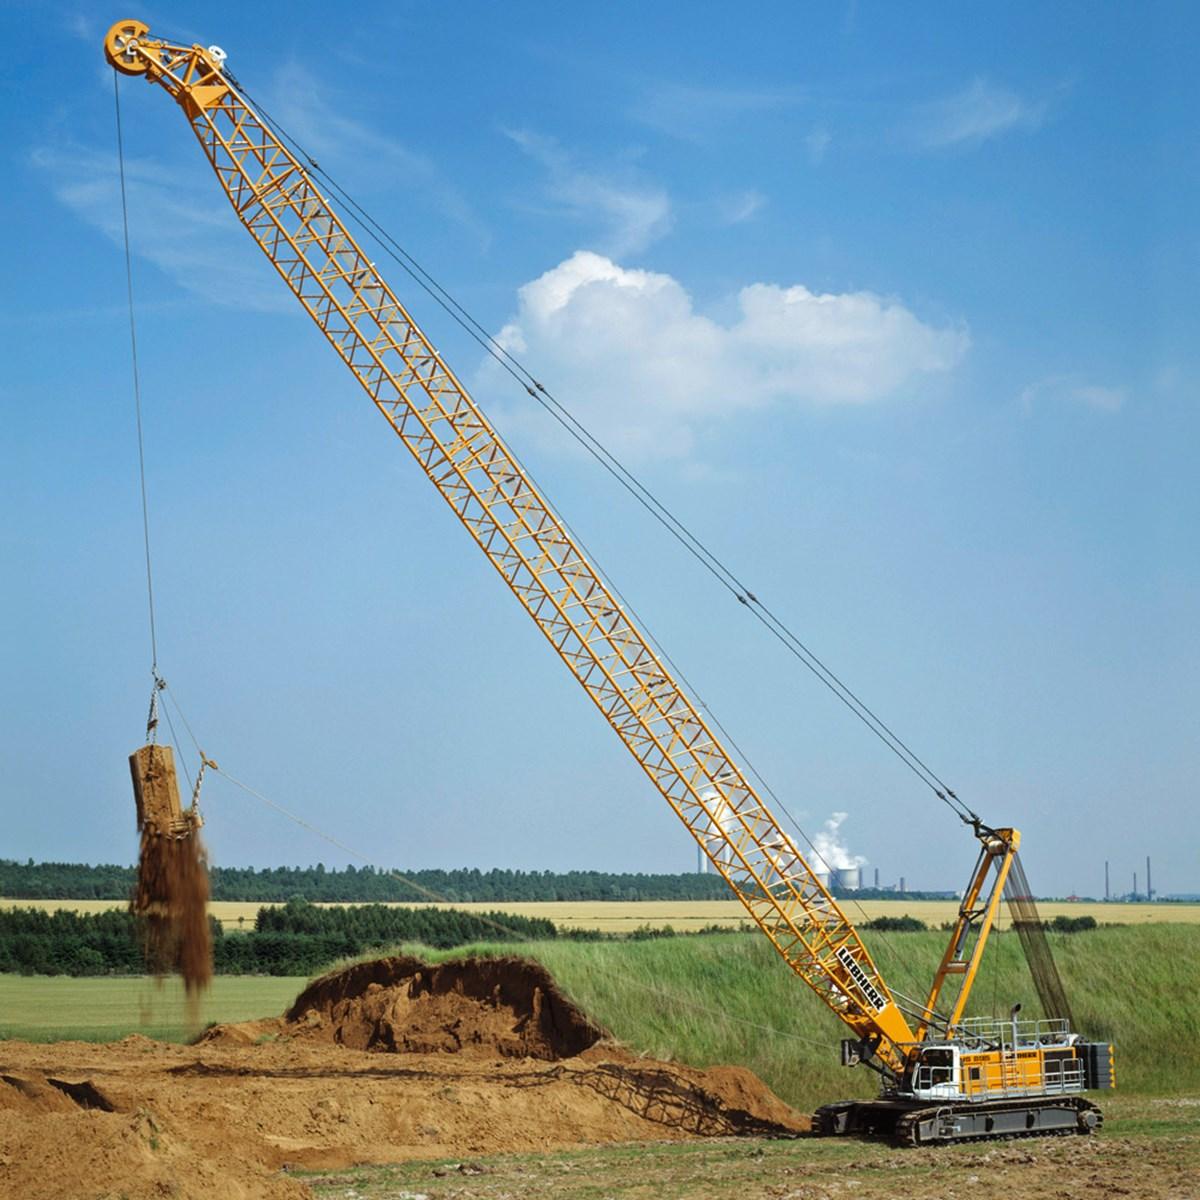 liebherr-hs-895-hd-seilbagger-crawler-crane-hydraulic-dragline-5.jpg